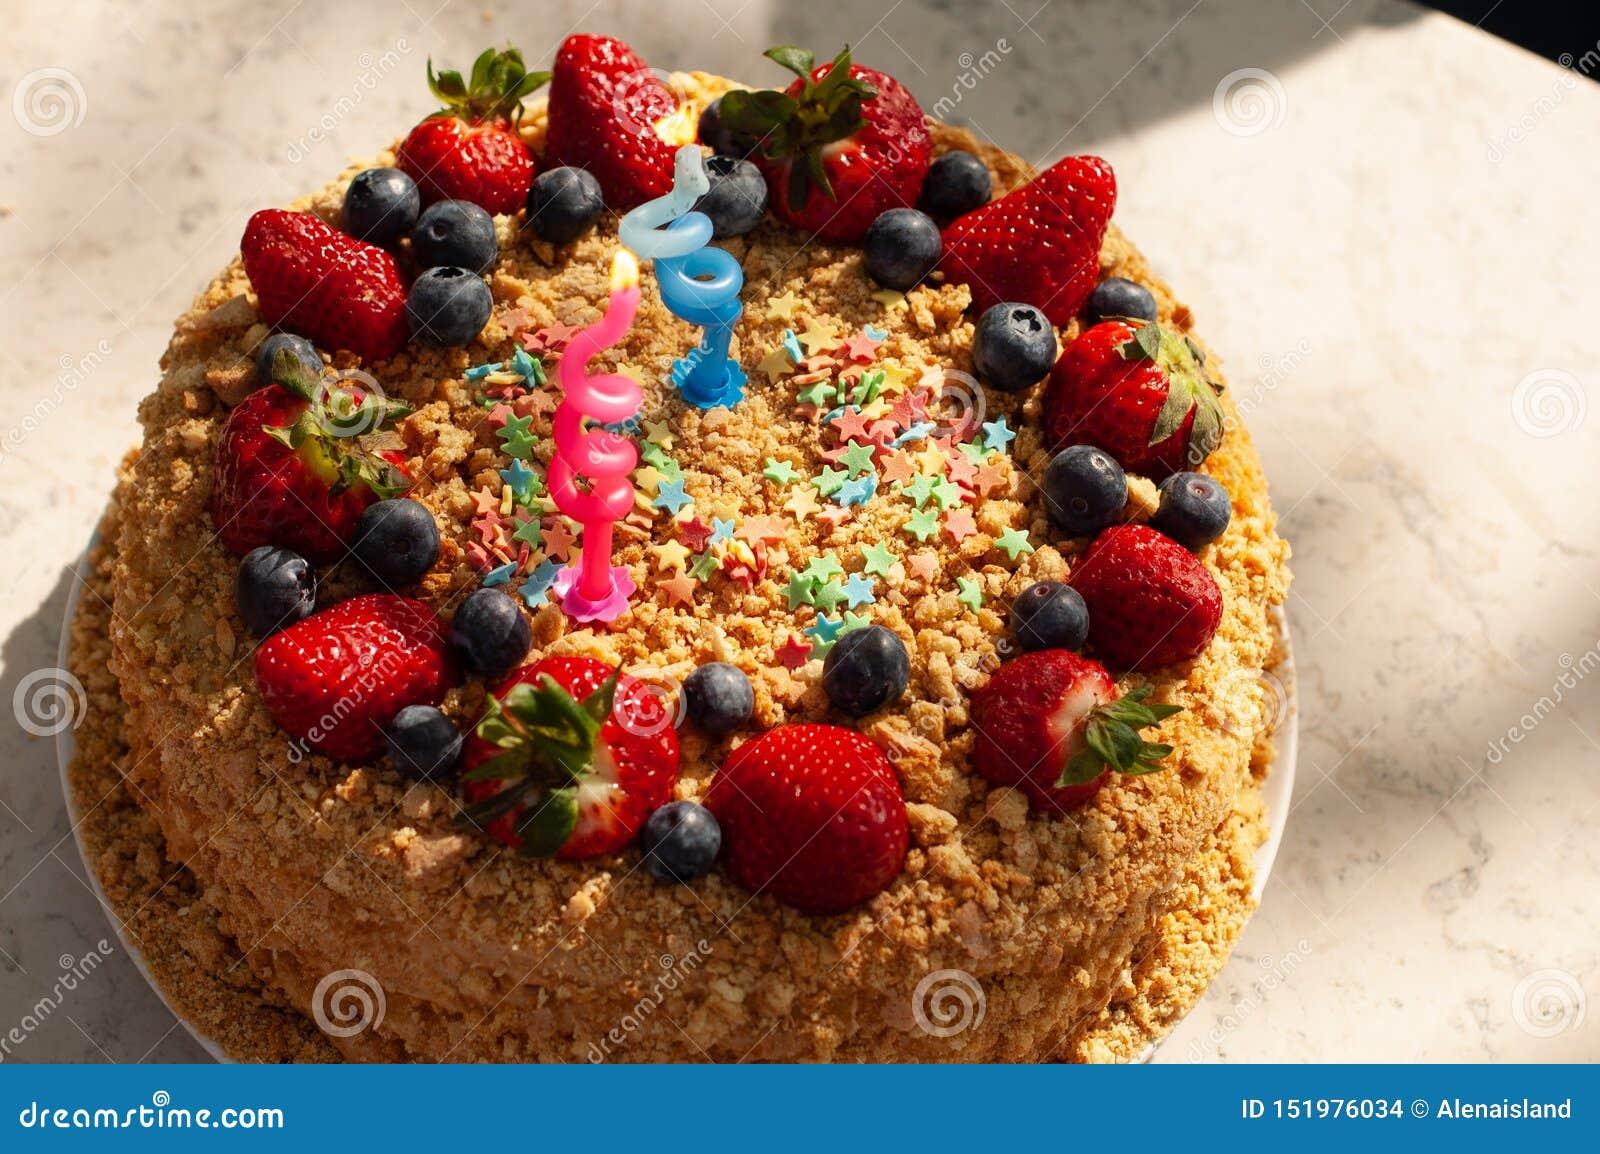 2 Year Old Birthday Cake Homemade